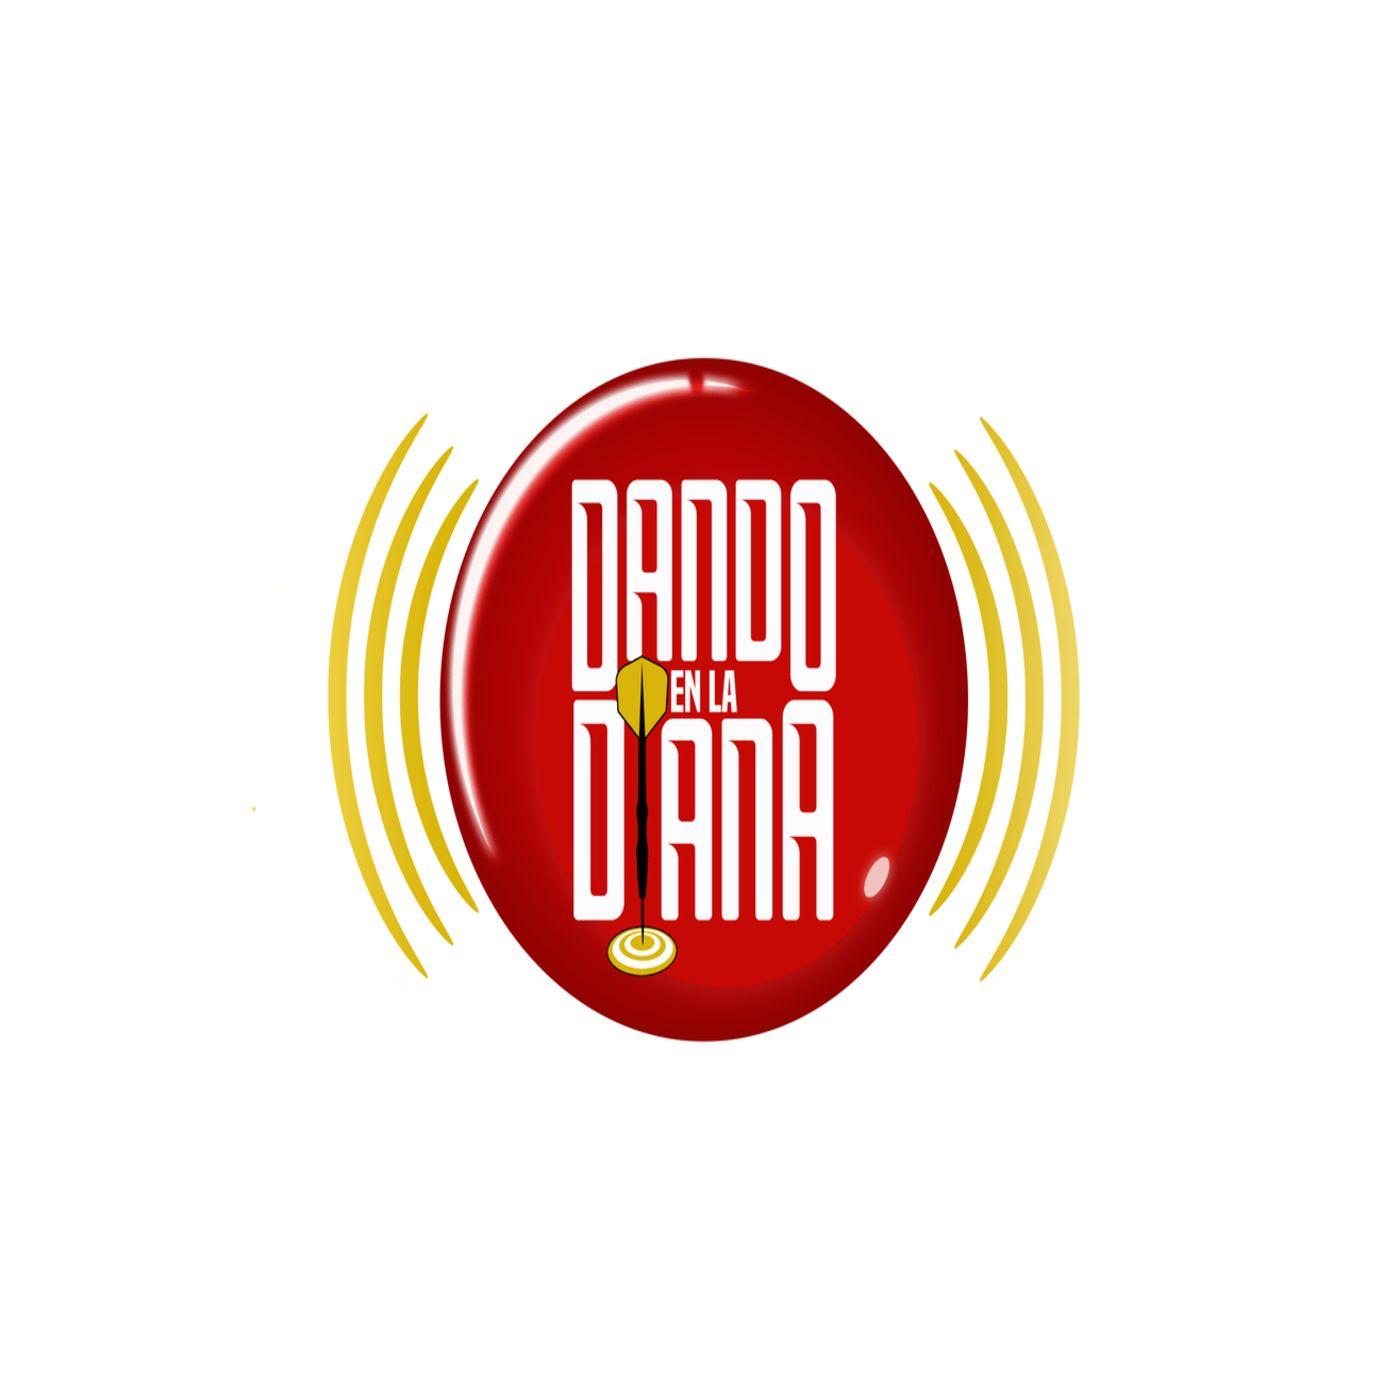 Dando en la Diana - Episodio 87 - 30 Diciembre 2020 - Esmeralda Moronta